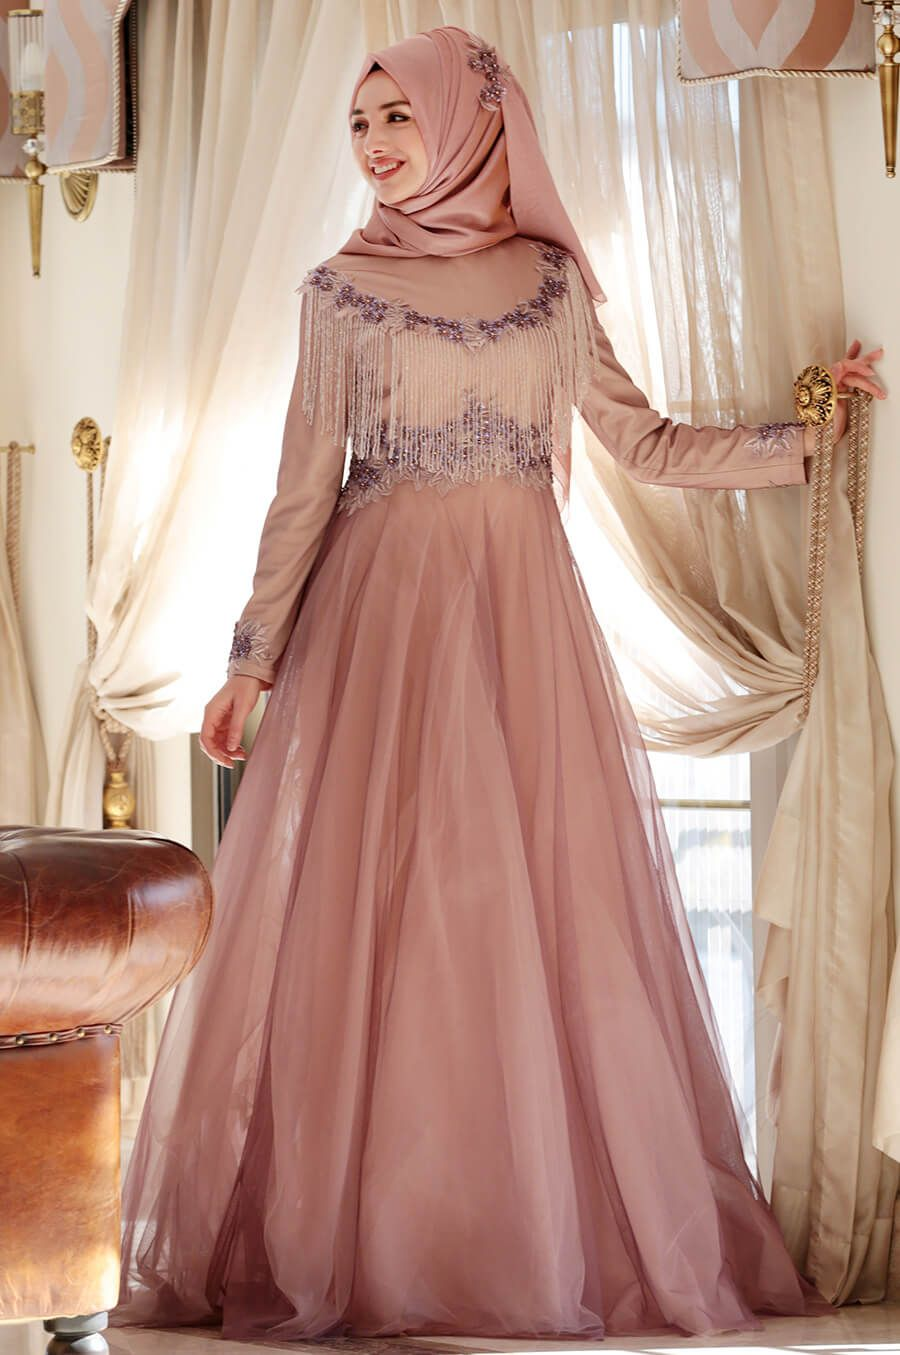 2018 Gamze Ozkul Abiye Elbise Modelleri In 2020 Formal Dresses Long Victorian Dress Dresses